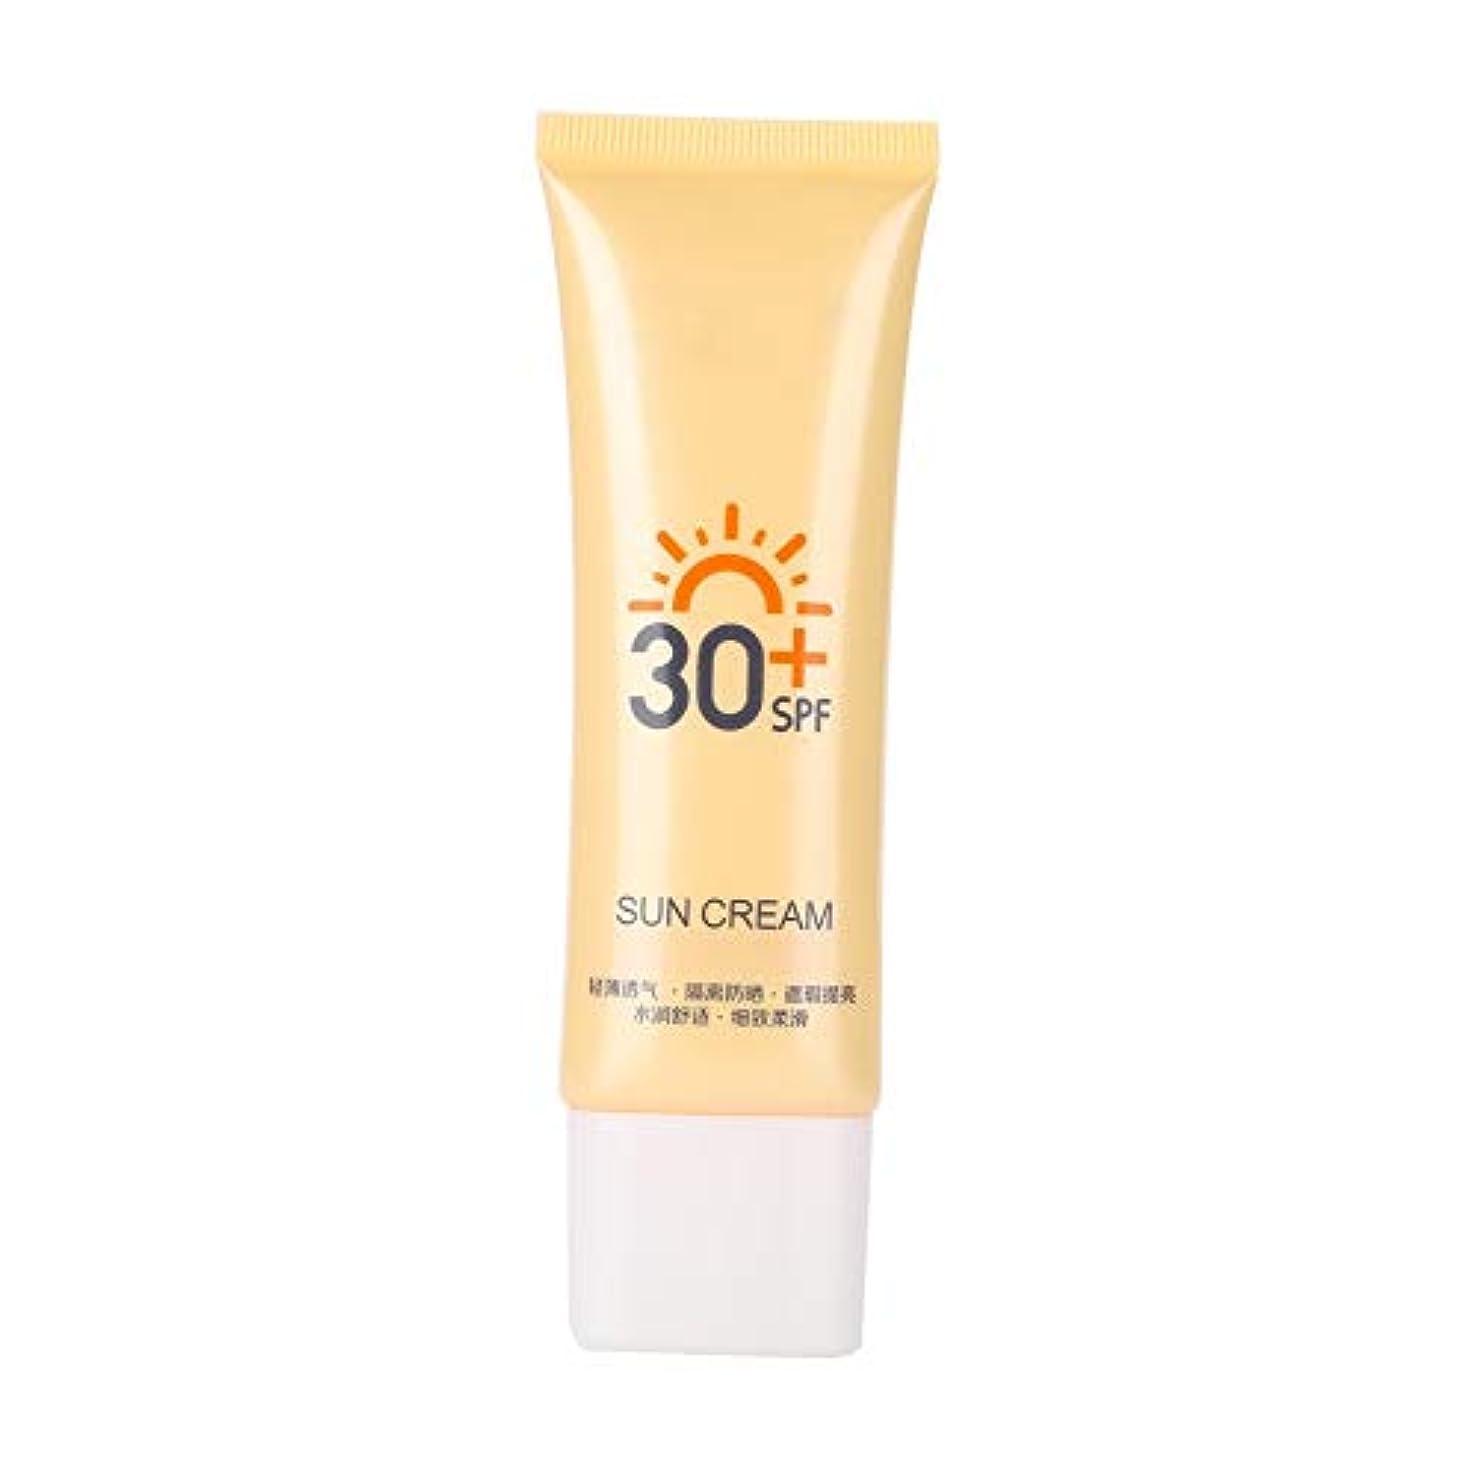 ビジター崇拝する光沢のあるSemme日焼け止めクリーム、日焼け止めクリーム40グラム日焼け止めクリームSPF30 + uv日焼け止めブライトニング防水クリーム